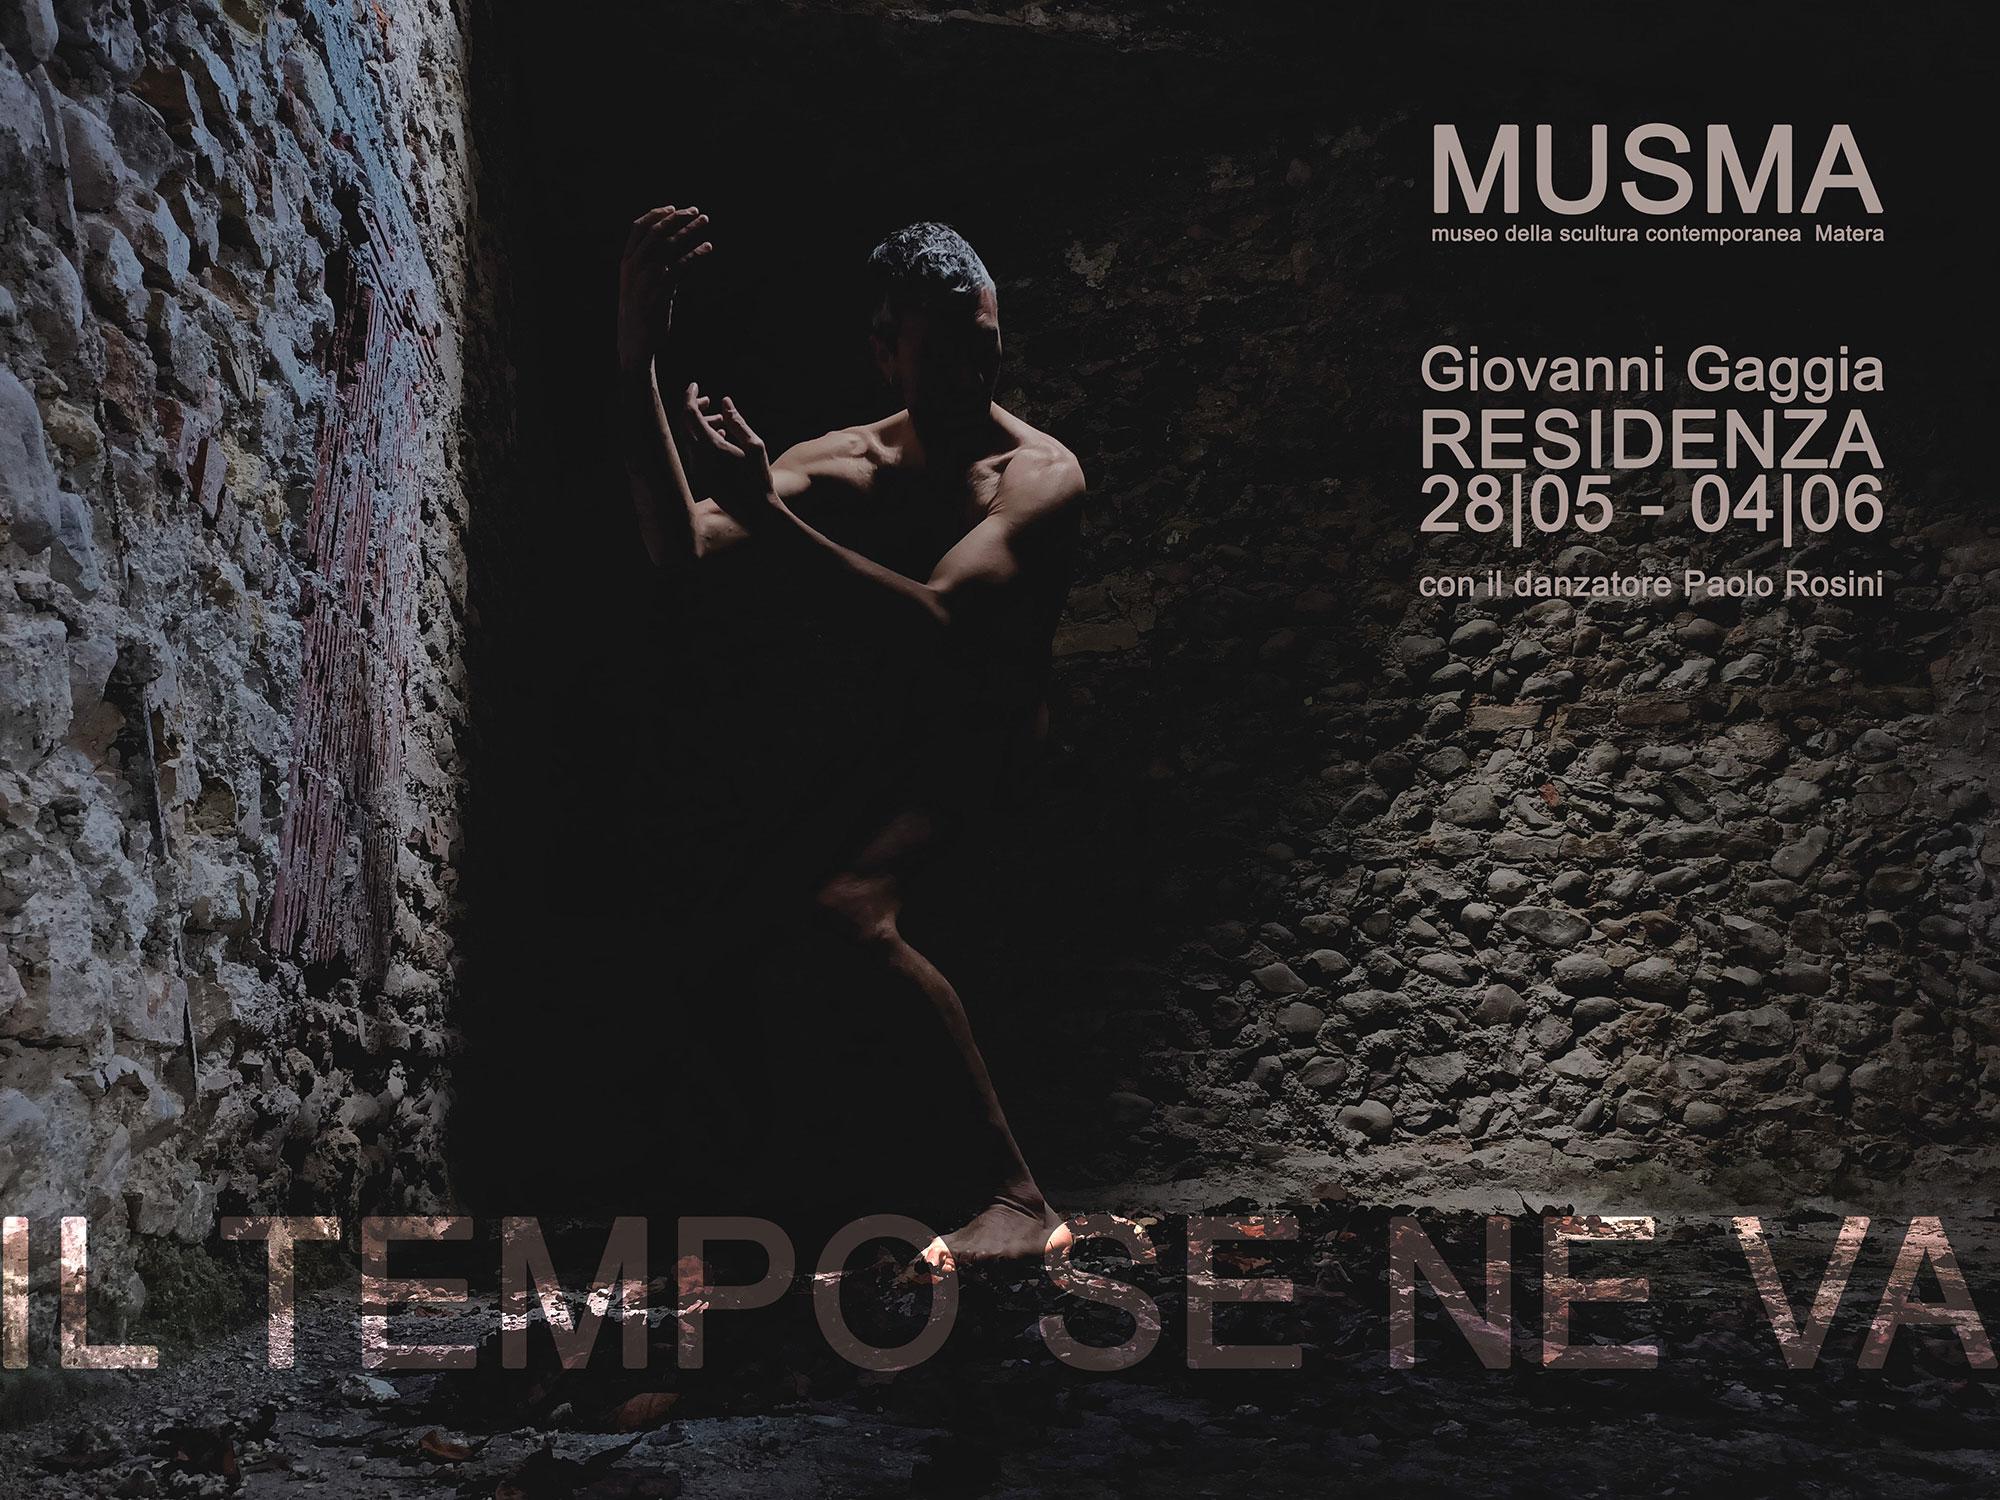 Il tempo se ne va - Residenza artistica di Giovanni Gaggia al MUSMA